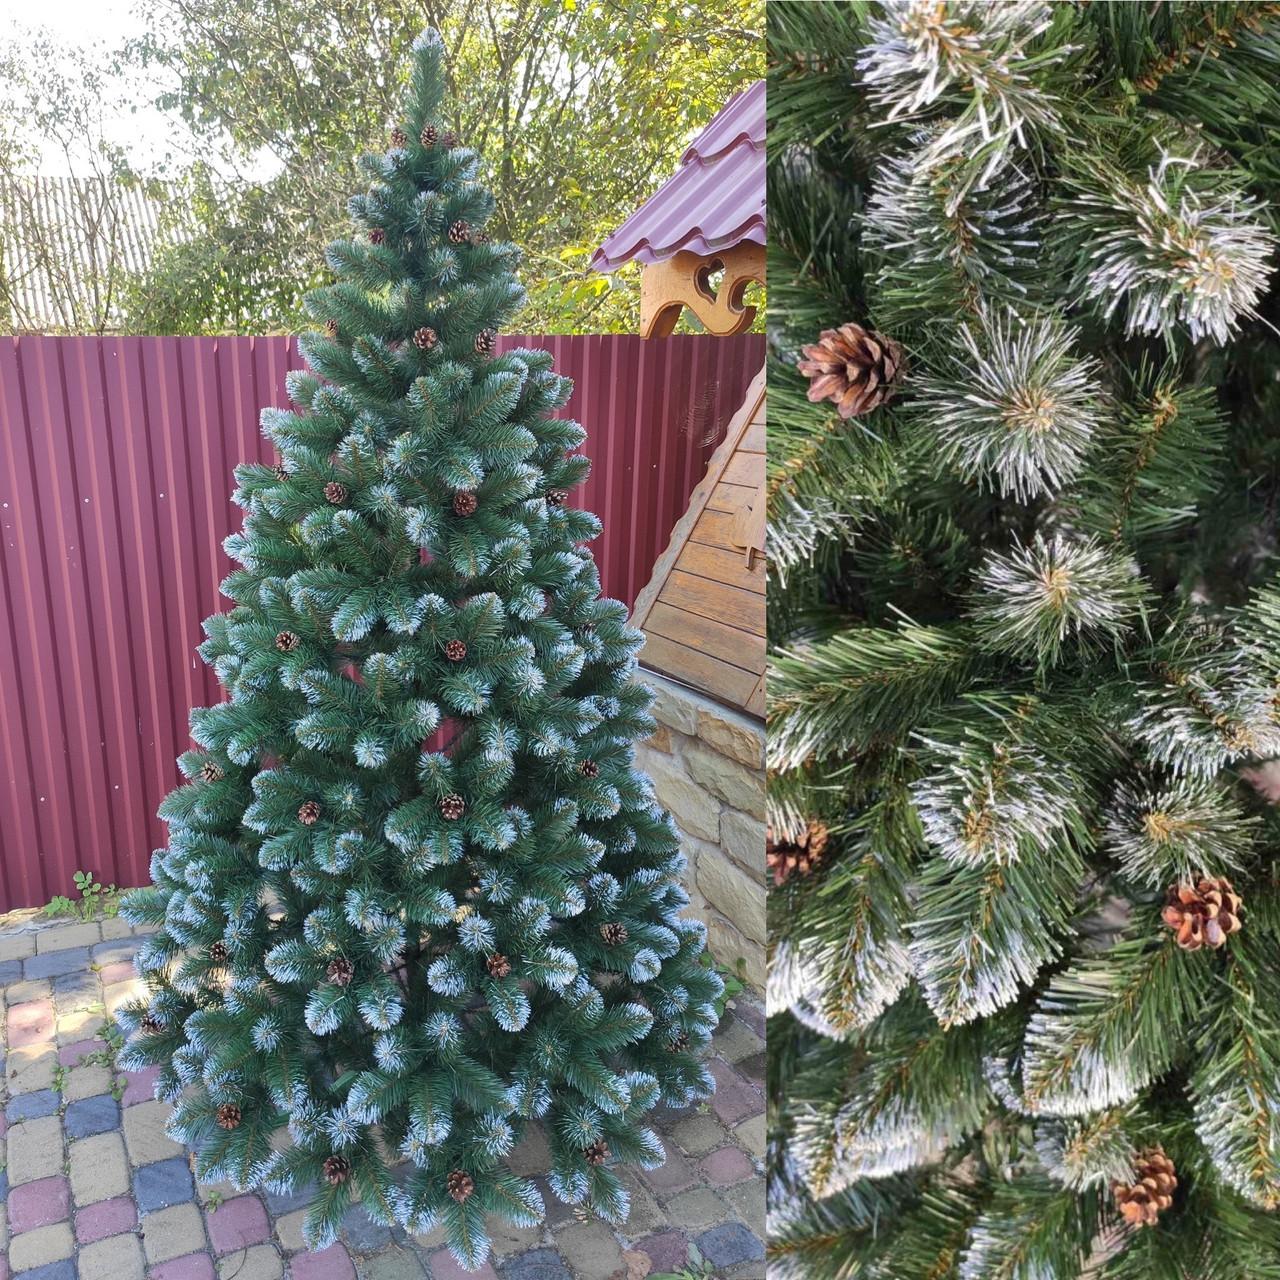 Элитная 1.8м с шишками елка зеленая заснеженная искусственная новогодняя ель праздничная декоративная